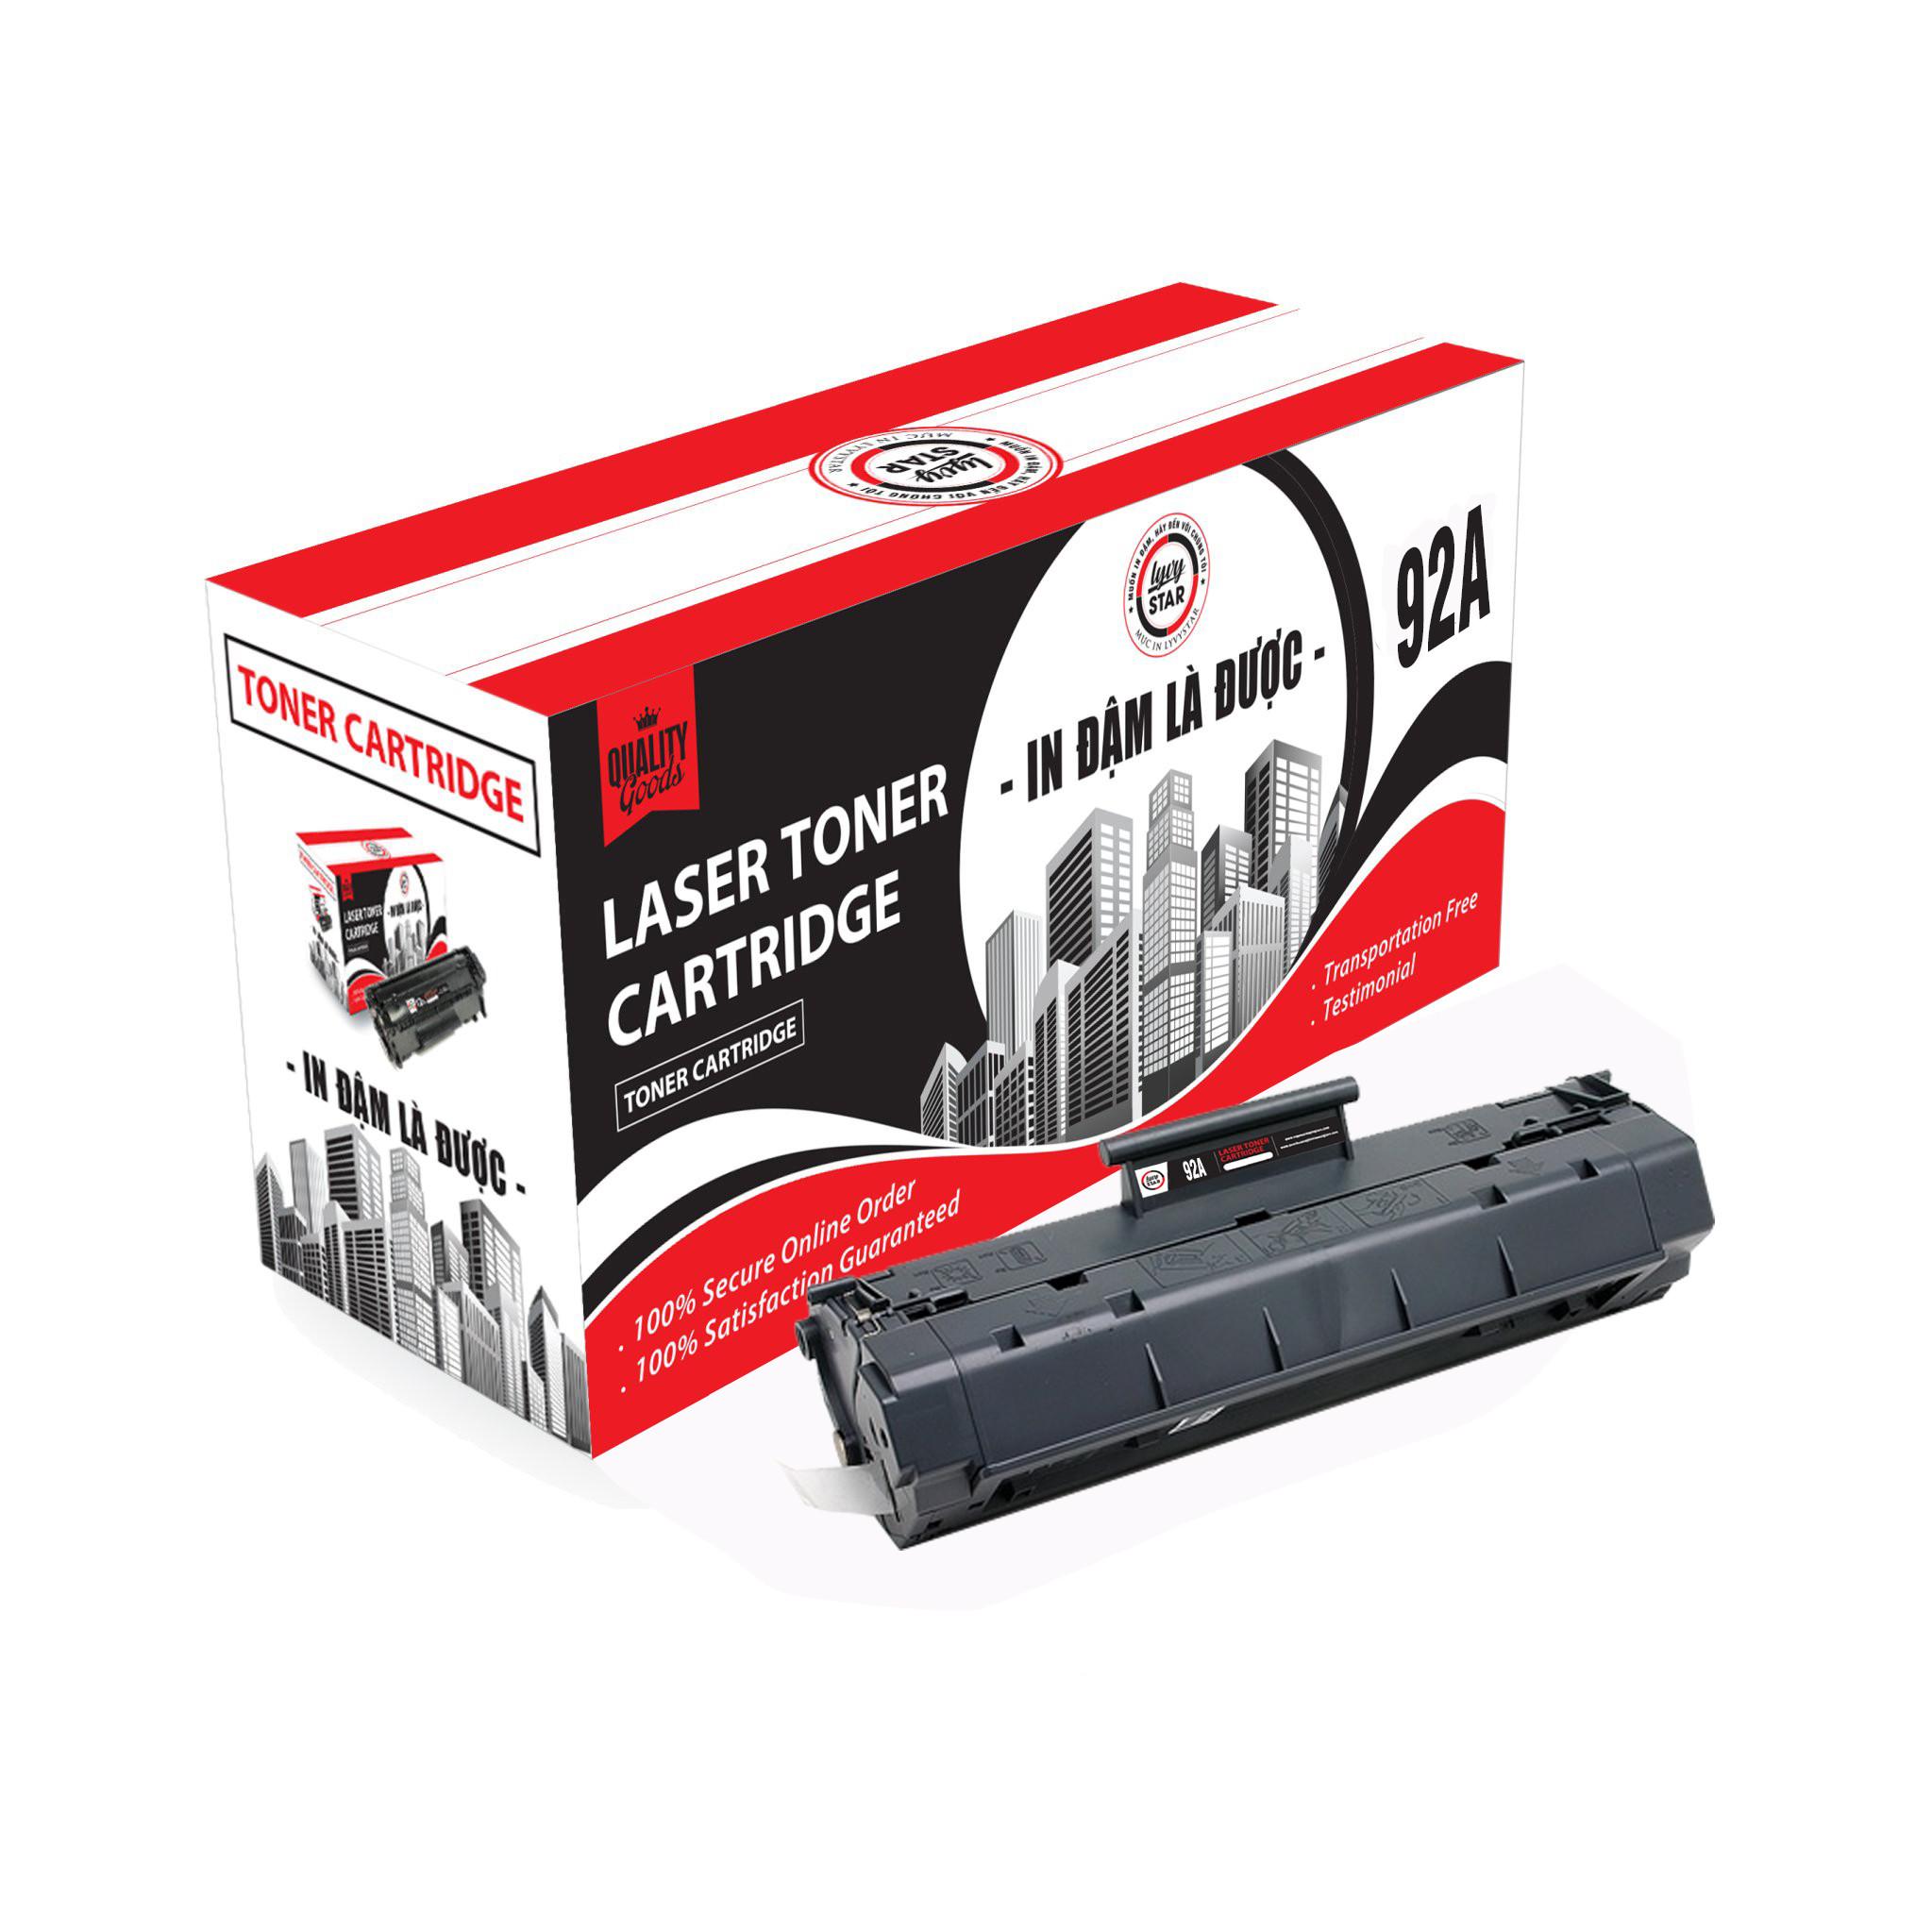 Mực in Lyvystar Laser đen trắng 93A (CZ192A) Khổ A3 dành cho máy HP M435NW - Hàng chính hãng